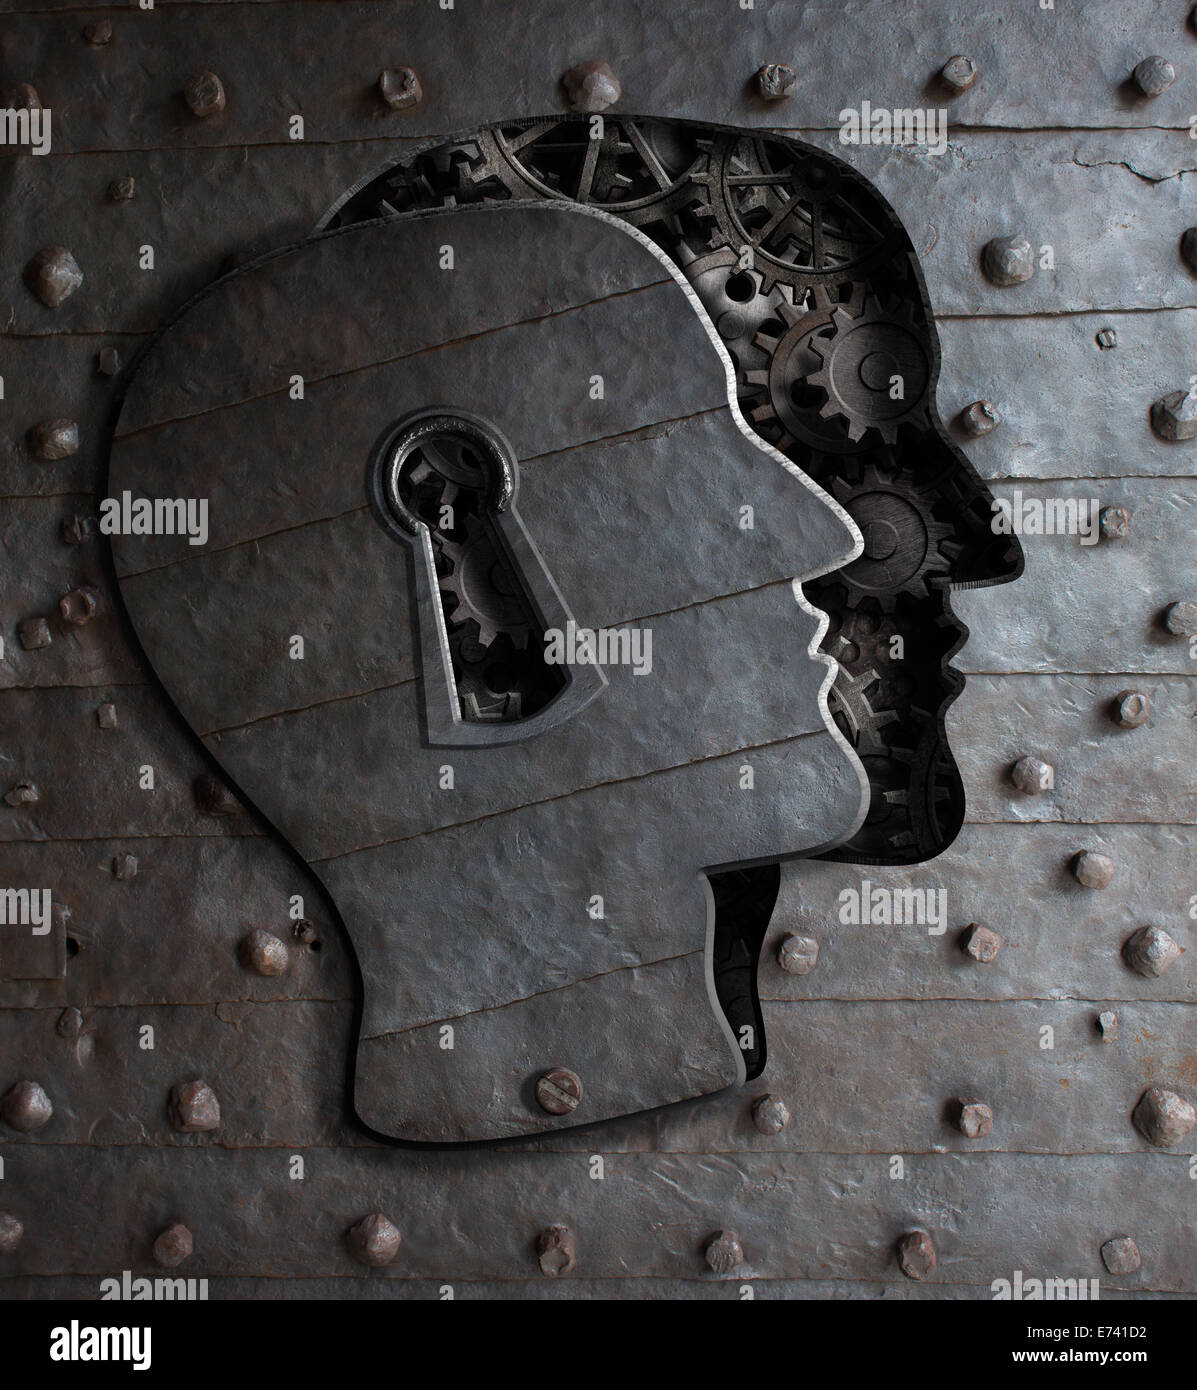 Puerta con cerradura del cerebro humano concepto de metal y engranajes de dientes Imagen De Stock